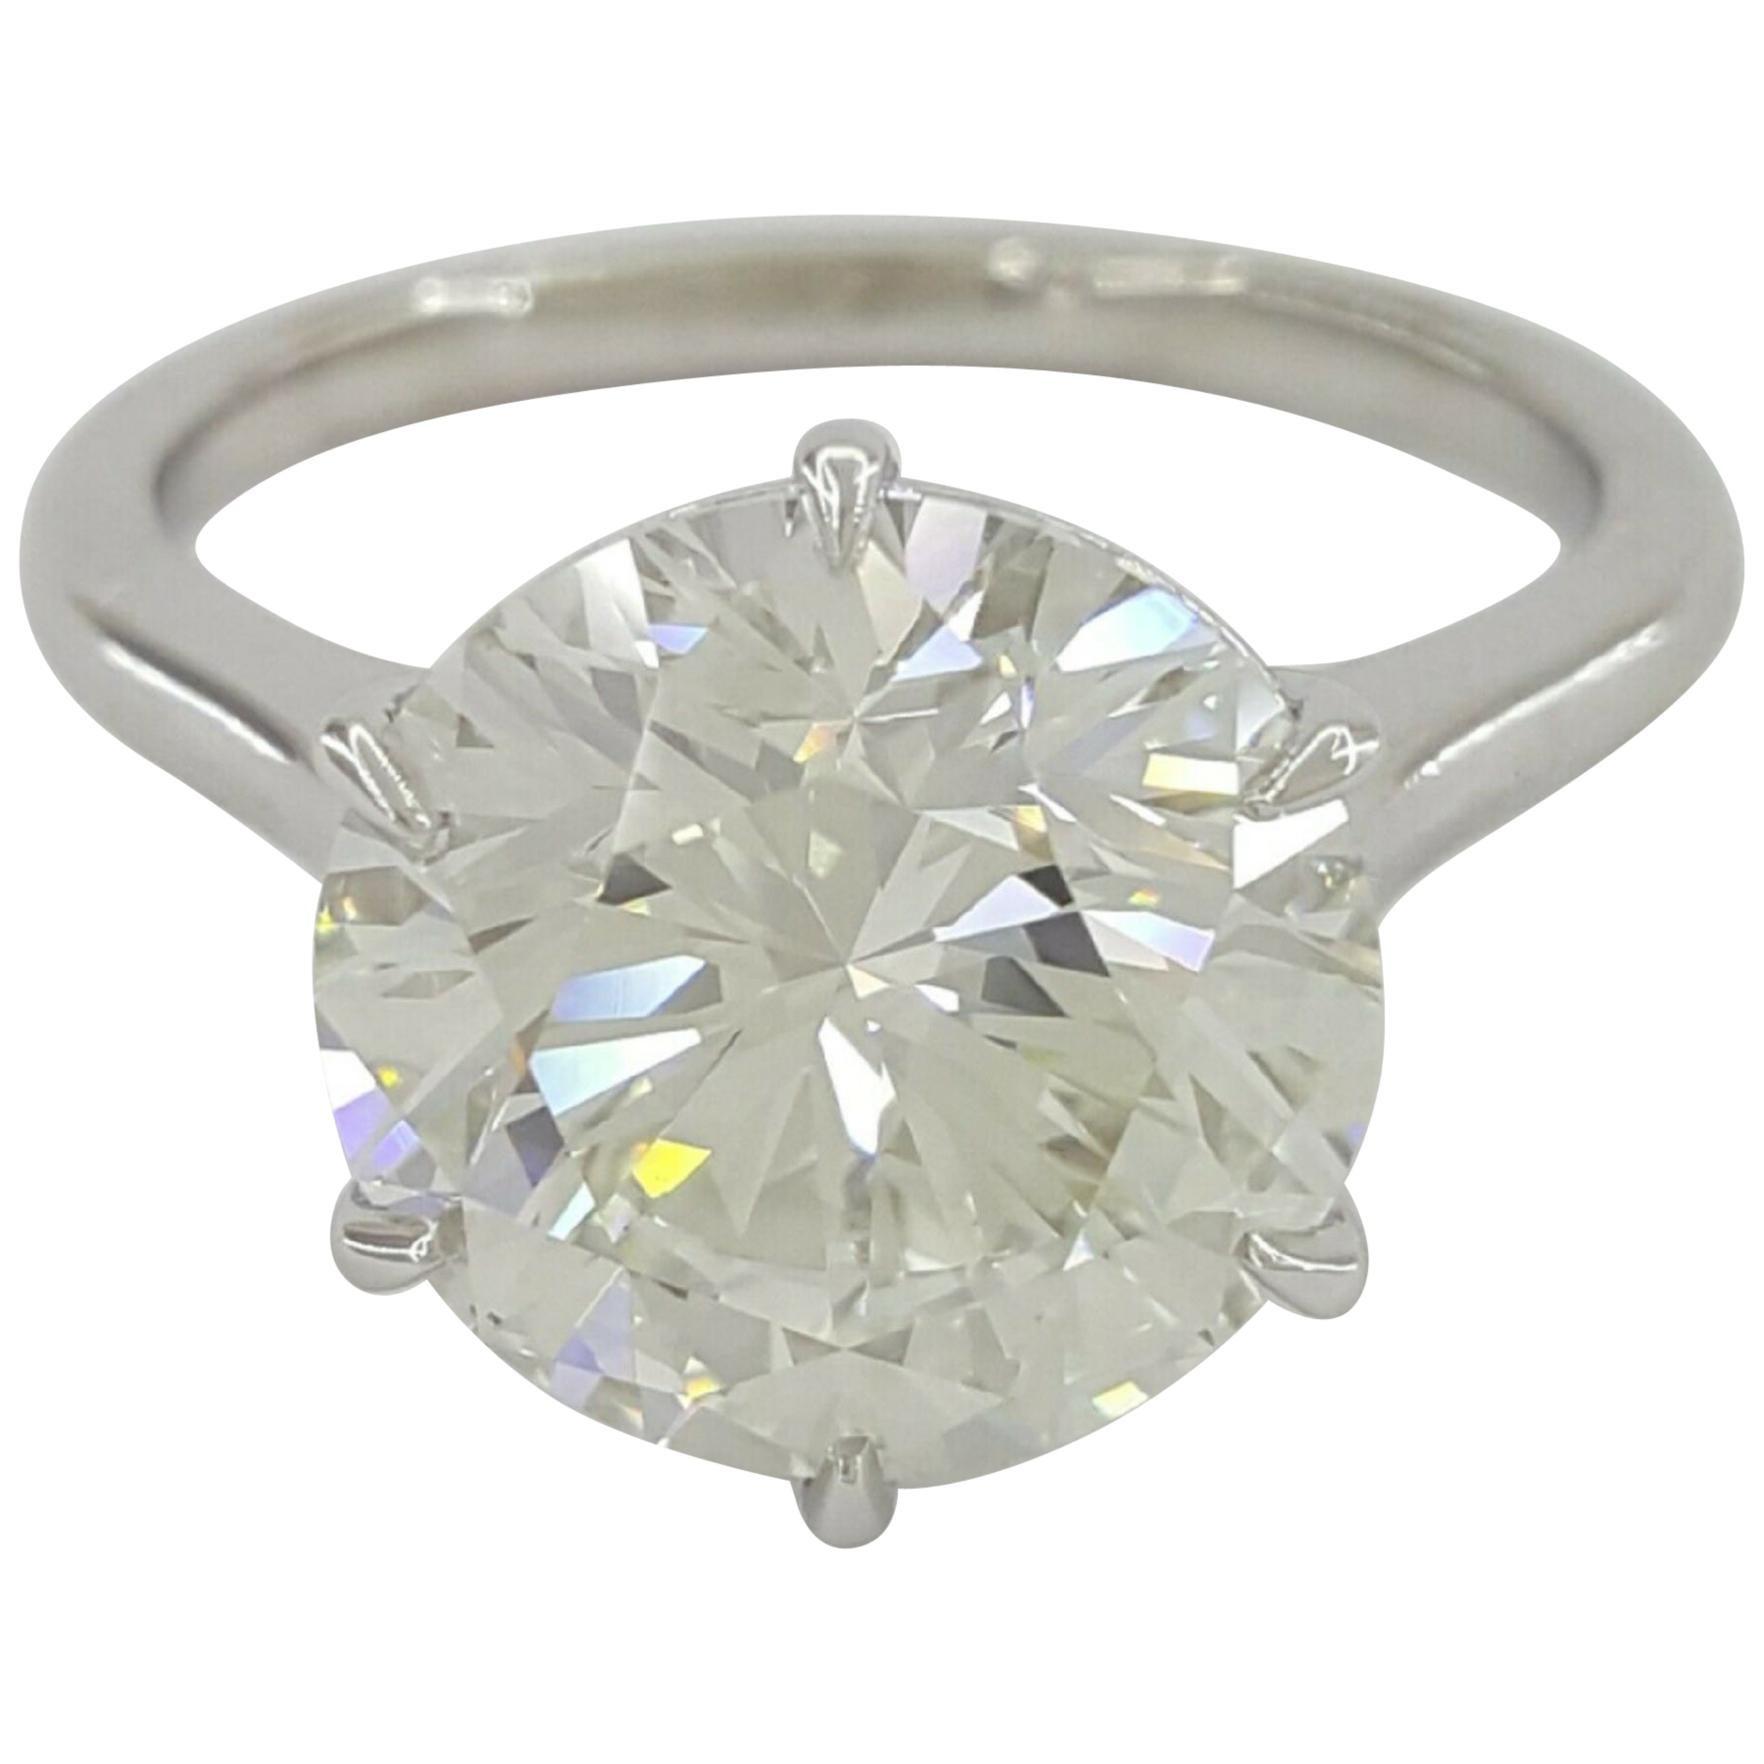 GIA 3.25 Carat Round Brilliant Cut Diamond Platinum Ring Triple Excellent